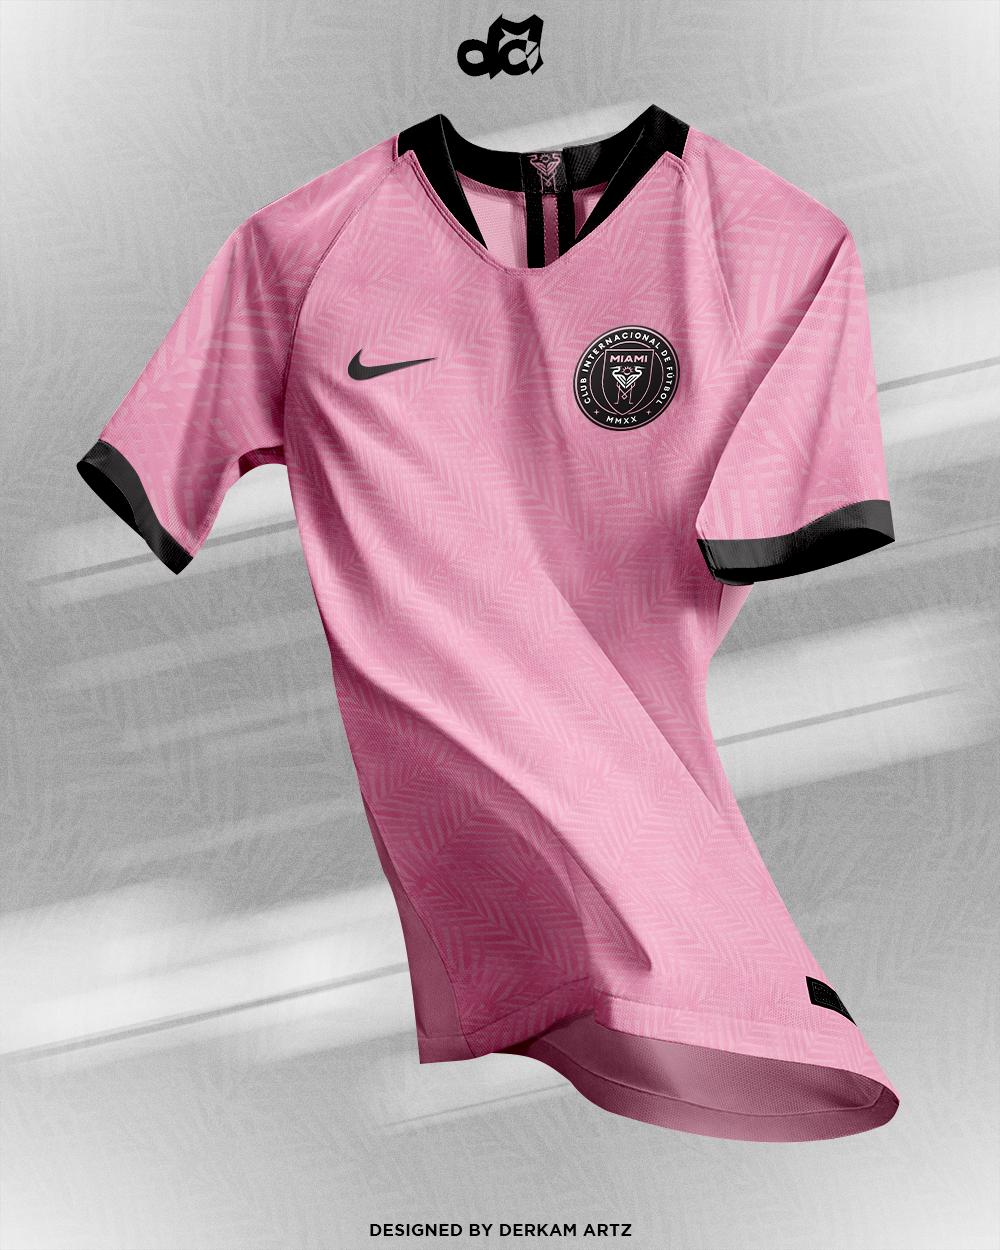 official photos 0d22d e879f Inter Miami CF - Away Kit